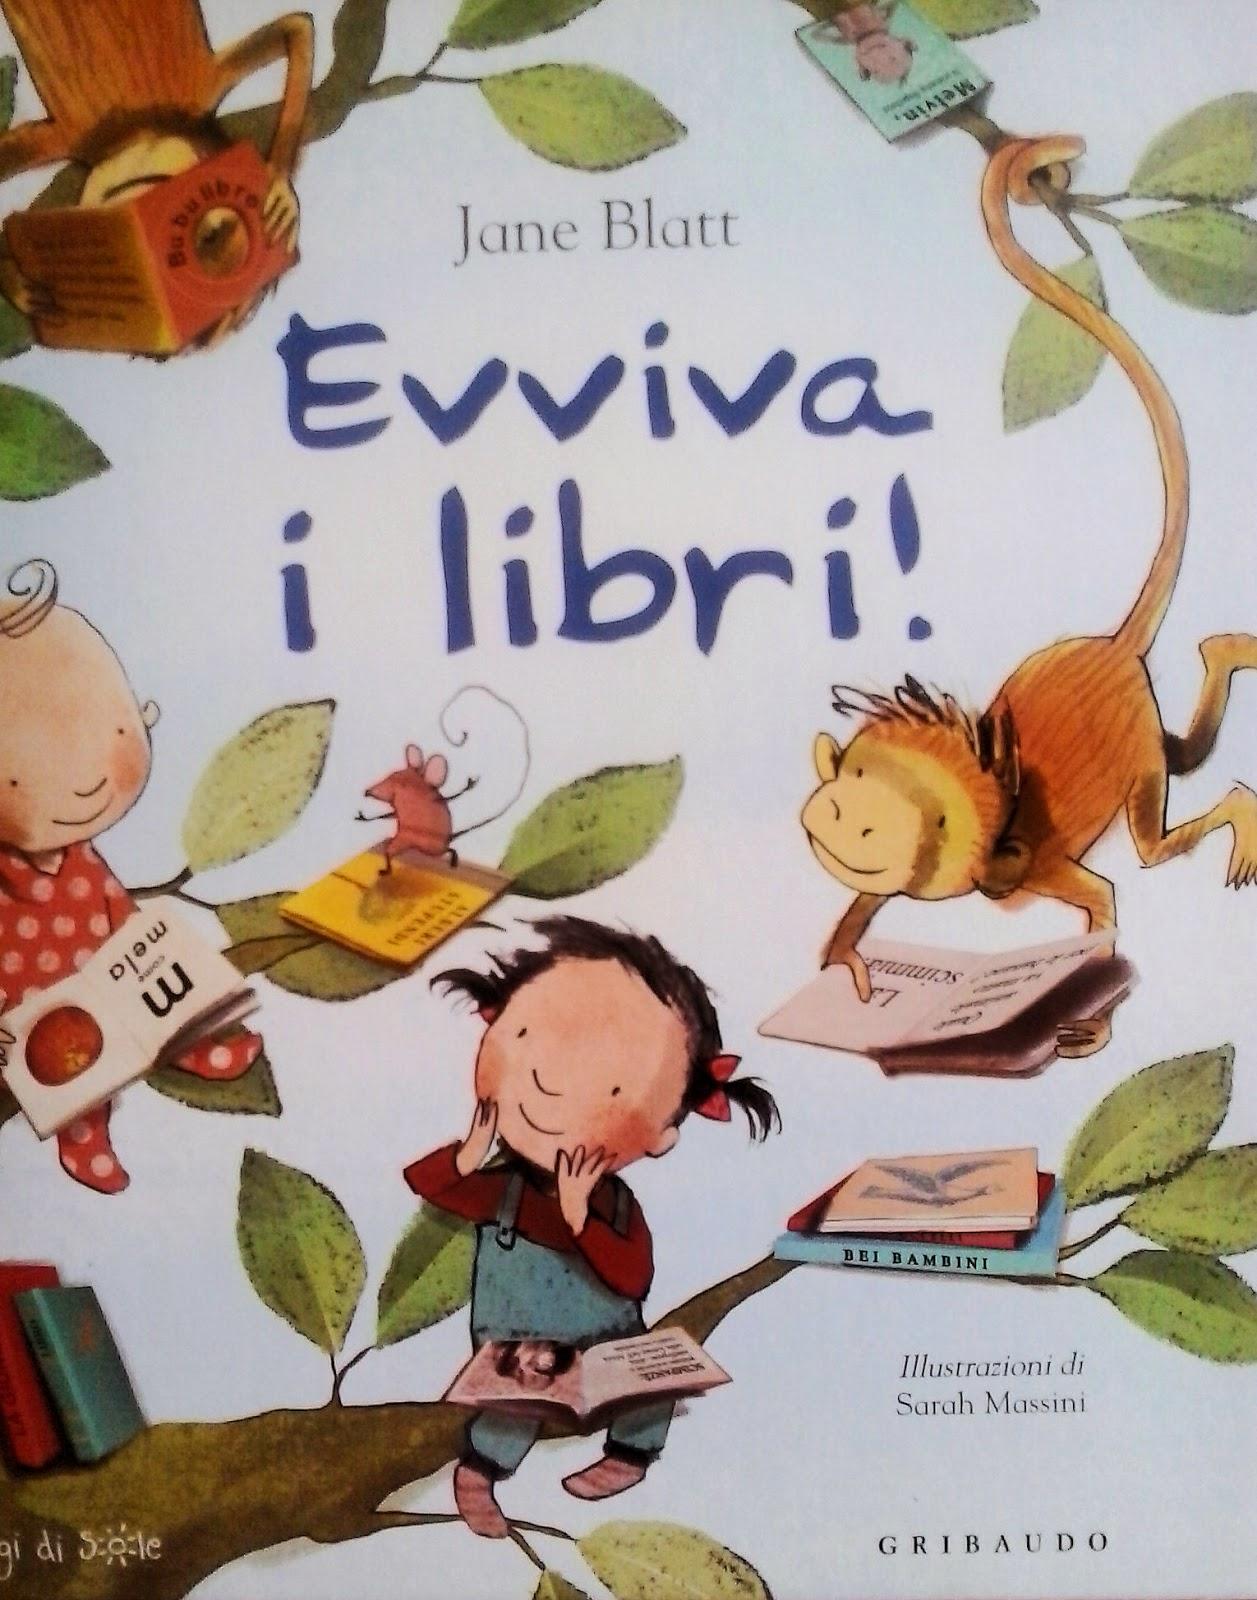 Biblioburro: Evviva i libri!